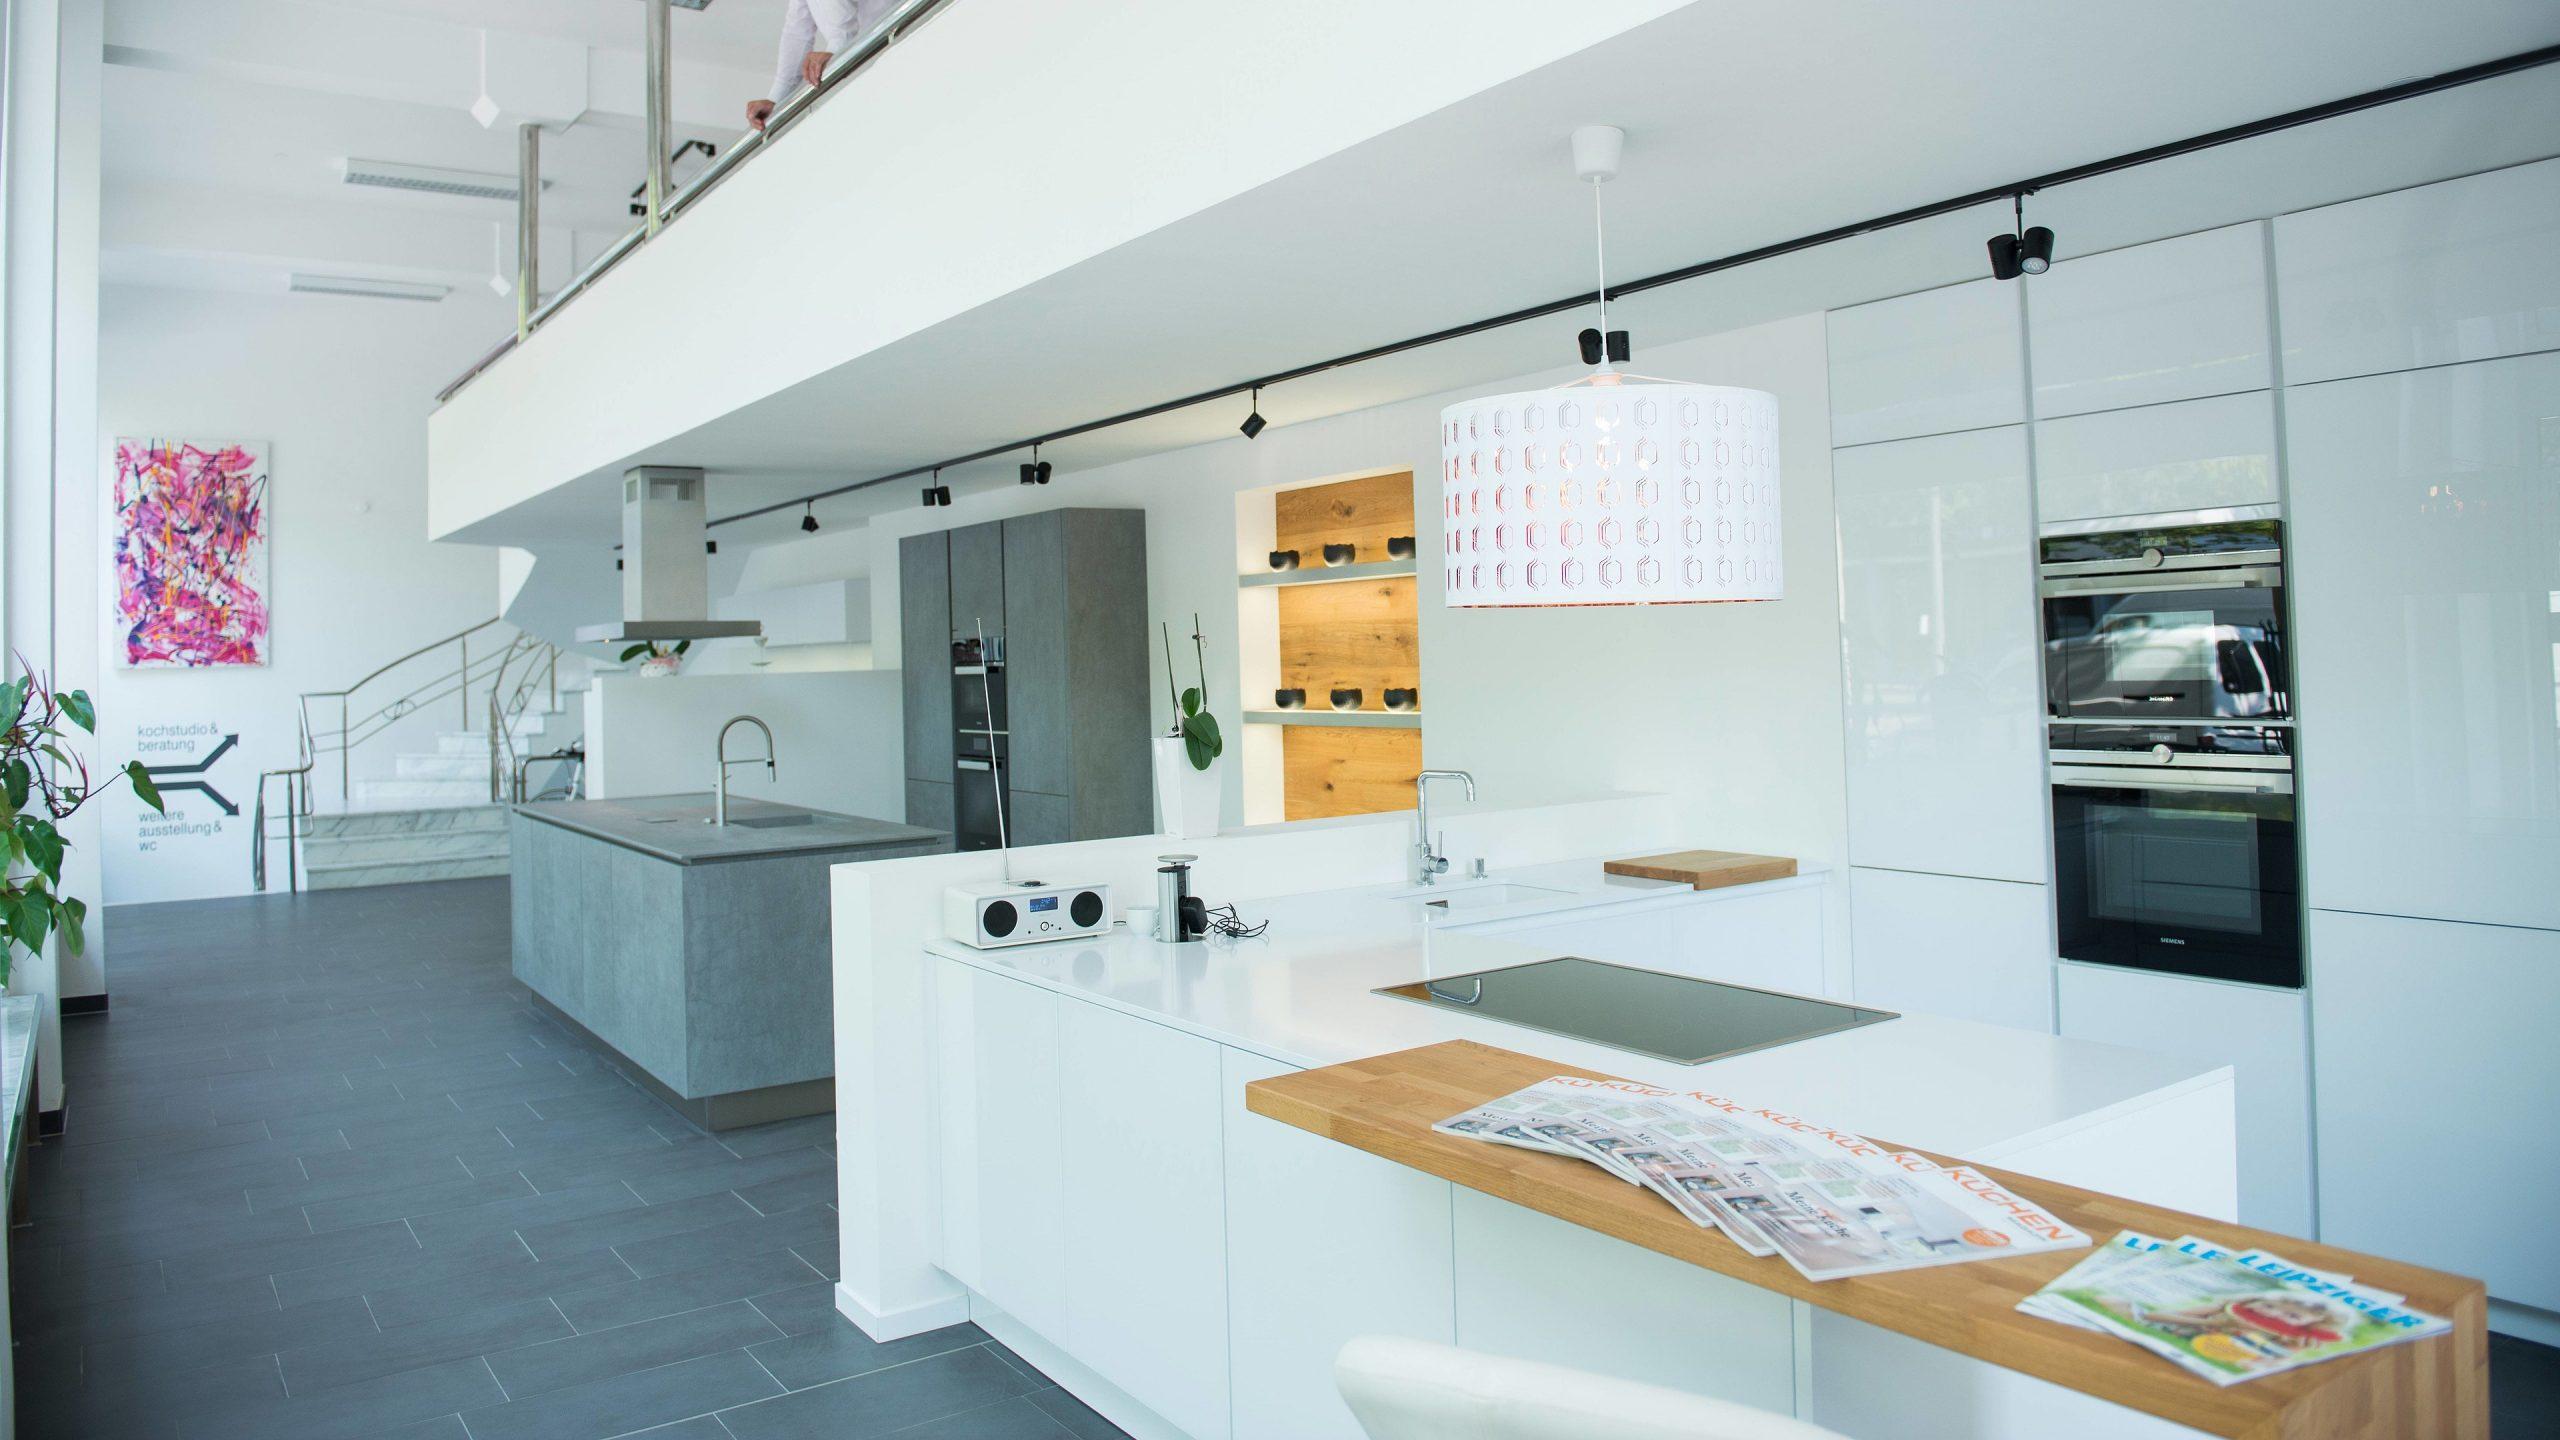 Full Size of Hausbau Küche Finanzieren Küche Finanzieren Ikea Küche Finanzieren Oder Bar Küche Finanzieren Trotz Schufa Küche Küche Finanzieren